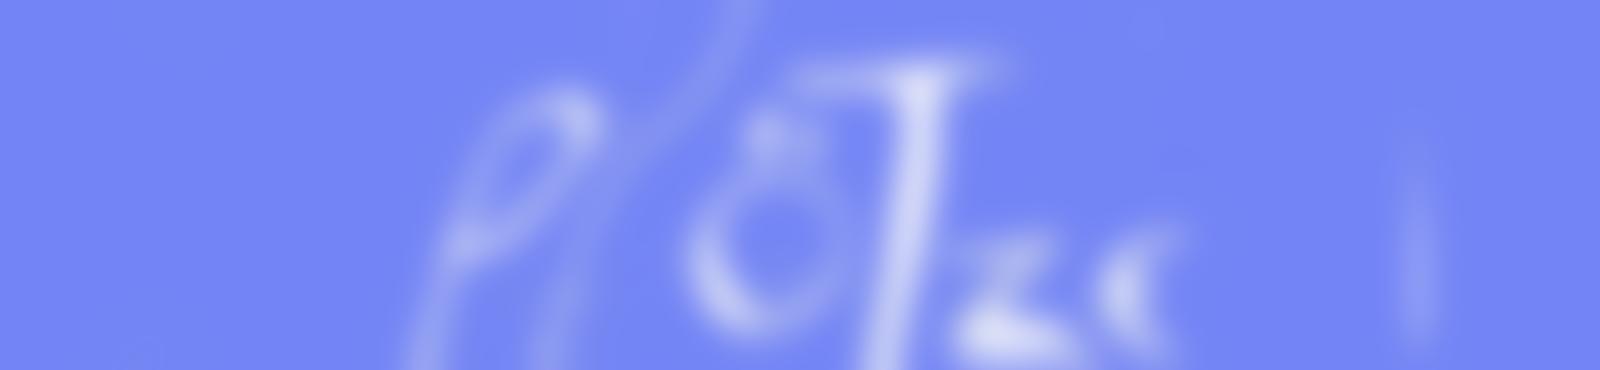 Blurred afc59439 c994 4ff7 a292 afa31b0aa454